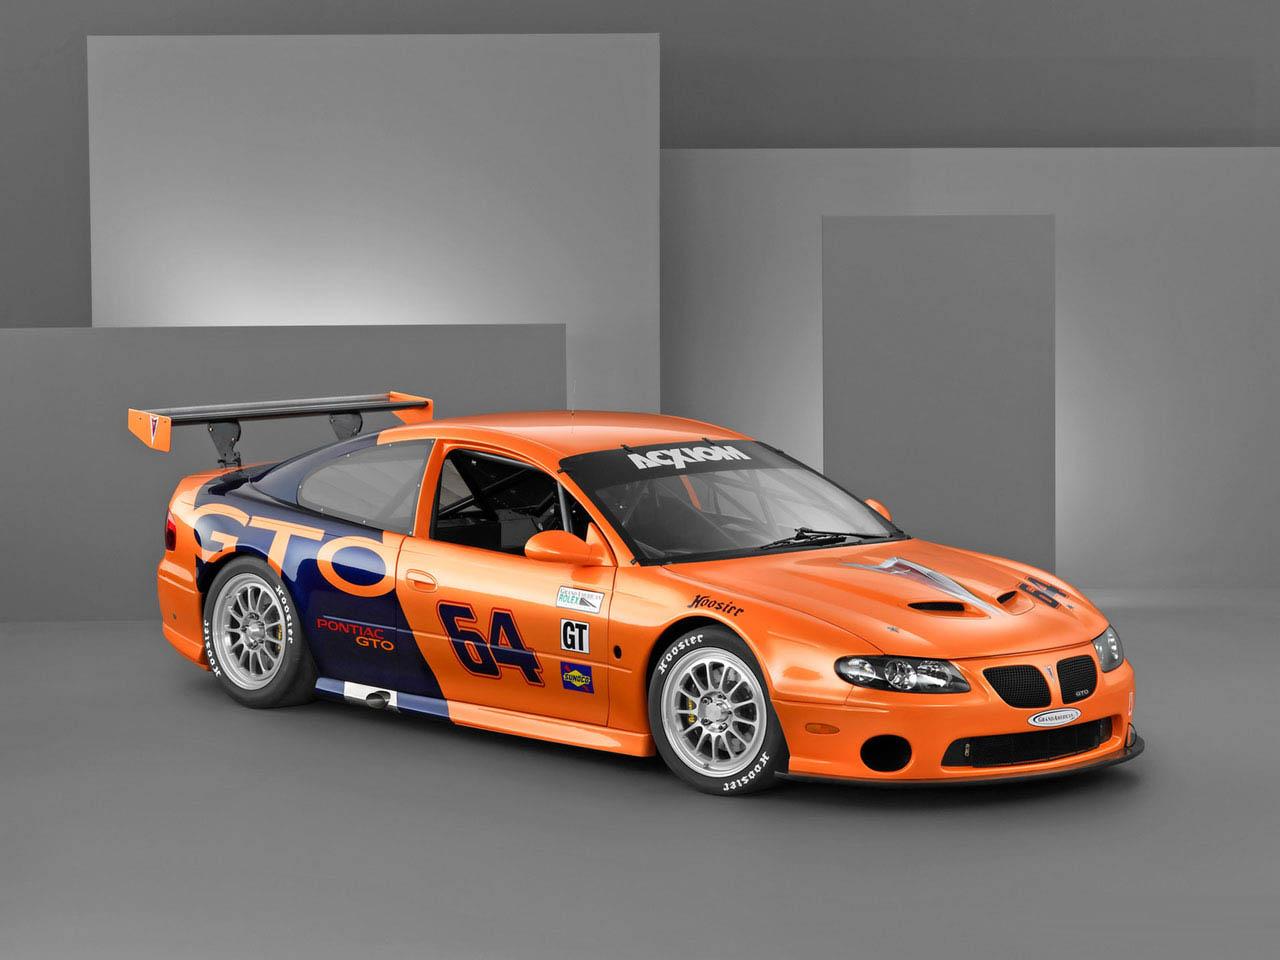 Cars Wallpapers: Racing cars wallpaper